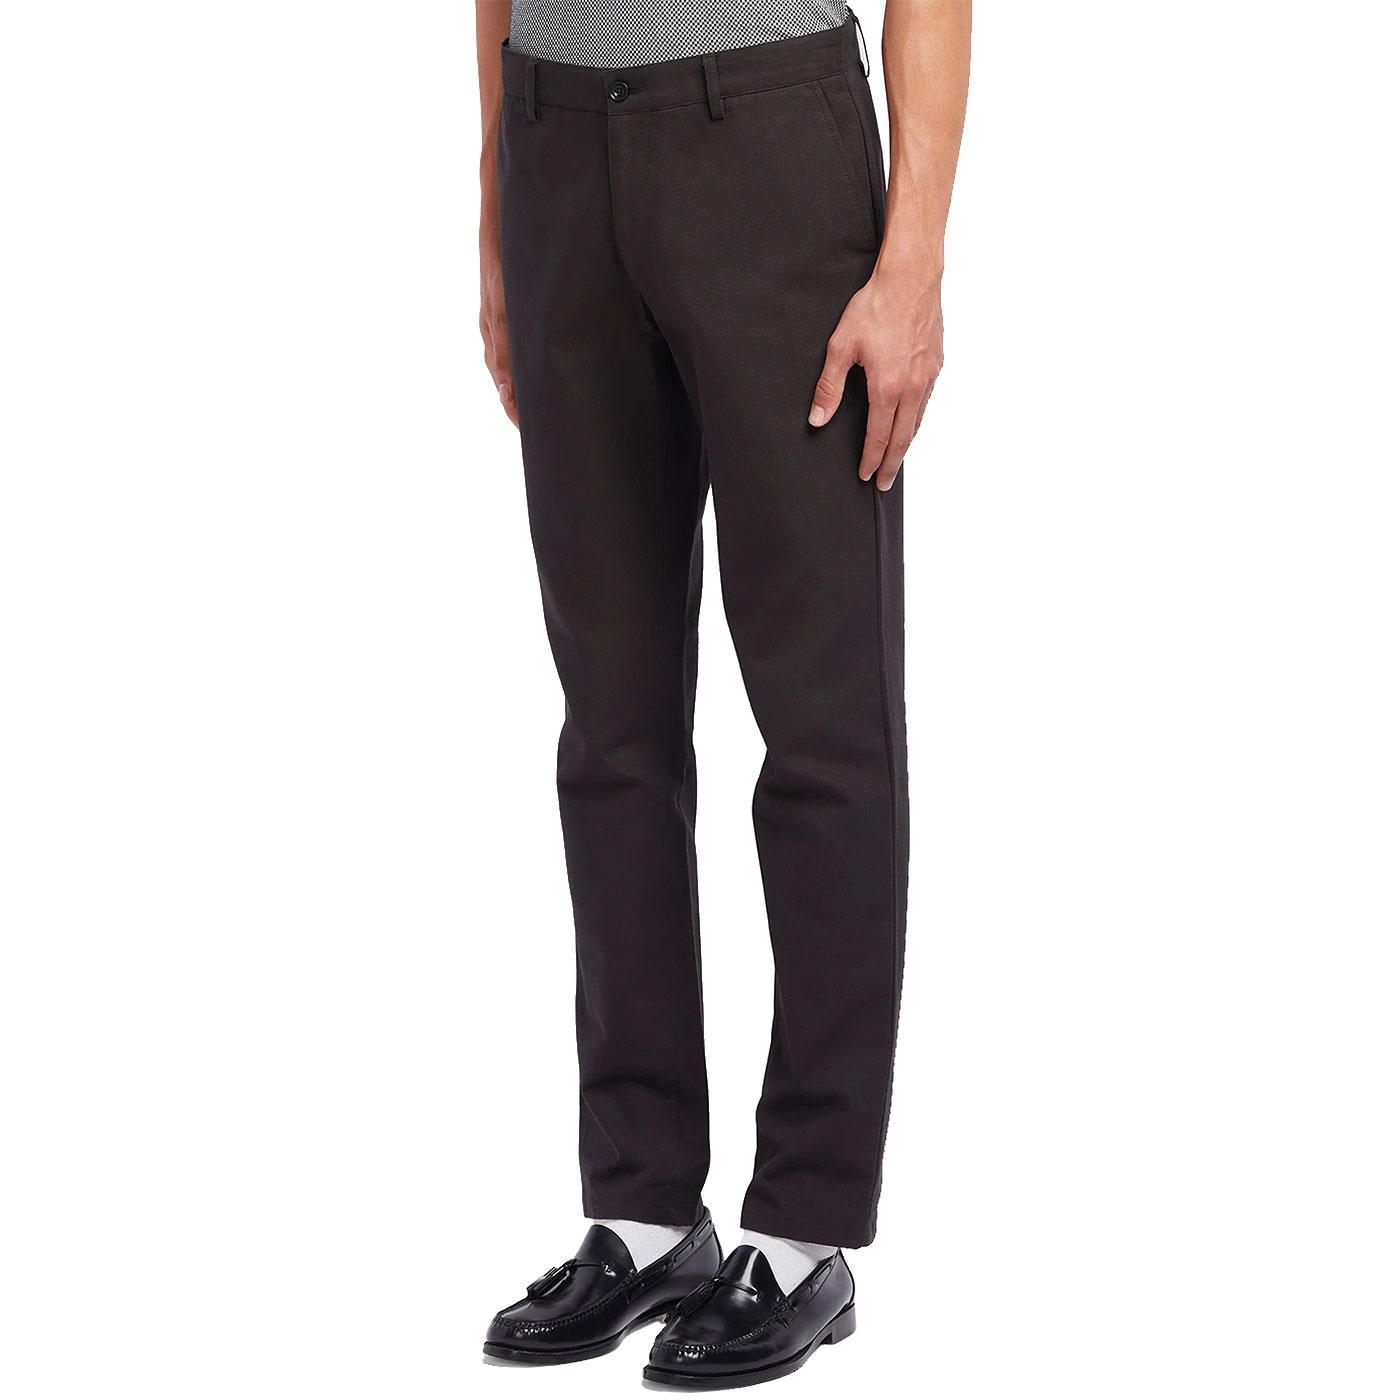 Elm FARAH Cotton Hopsack Regular Fit Trousers